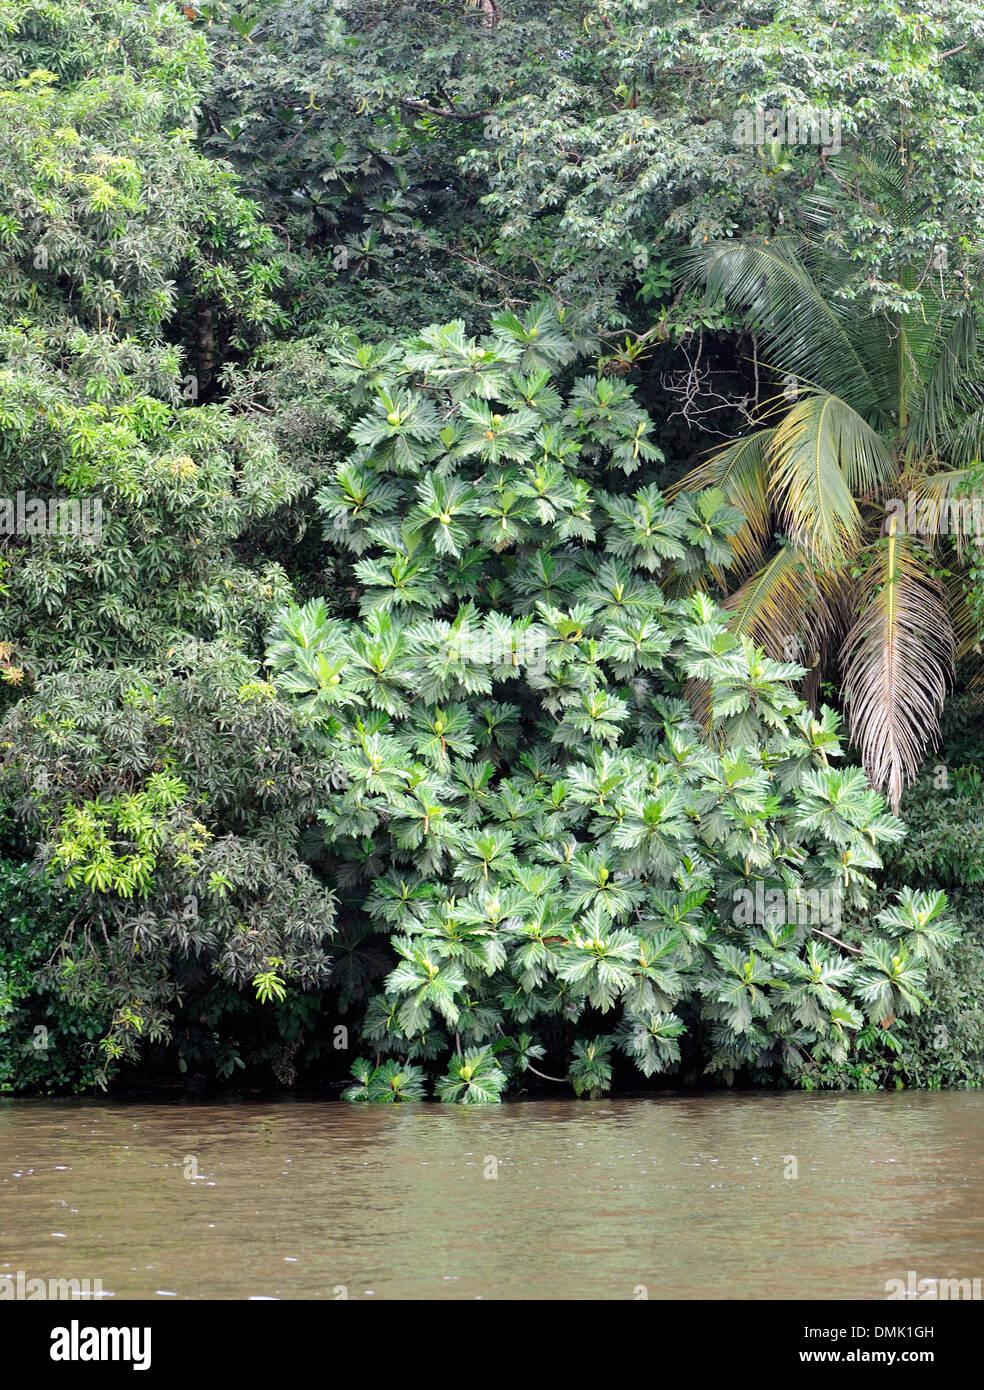 Ein Brotfruchtbaum (Artocarpus Altilis) wächst am Rande eines Flusses im Tortuguero Nationalpark. Stockbild